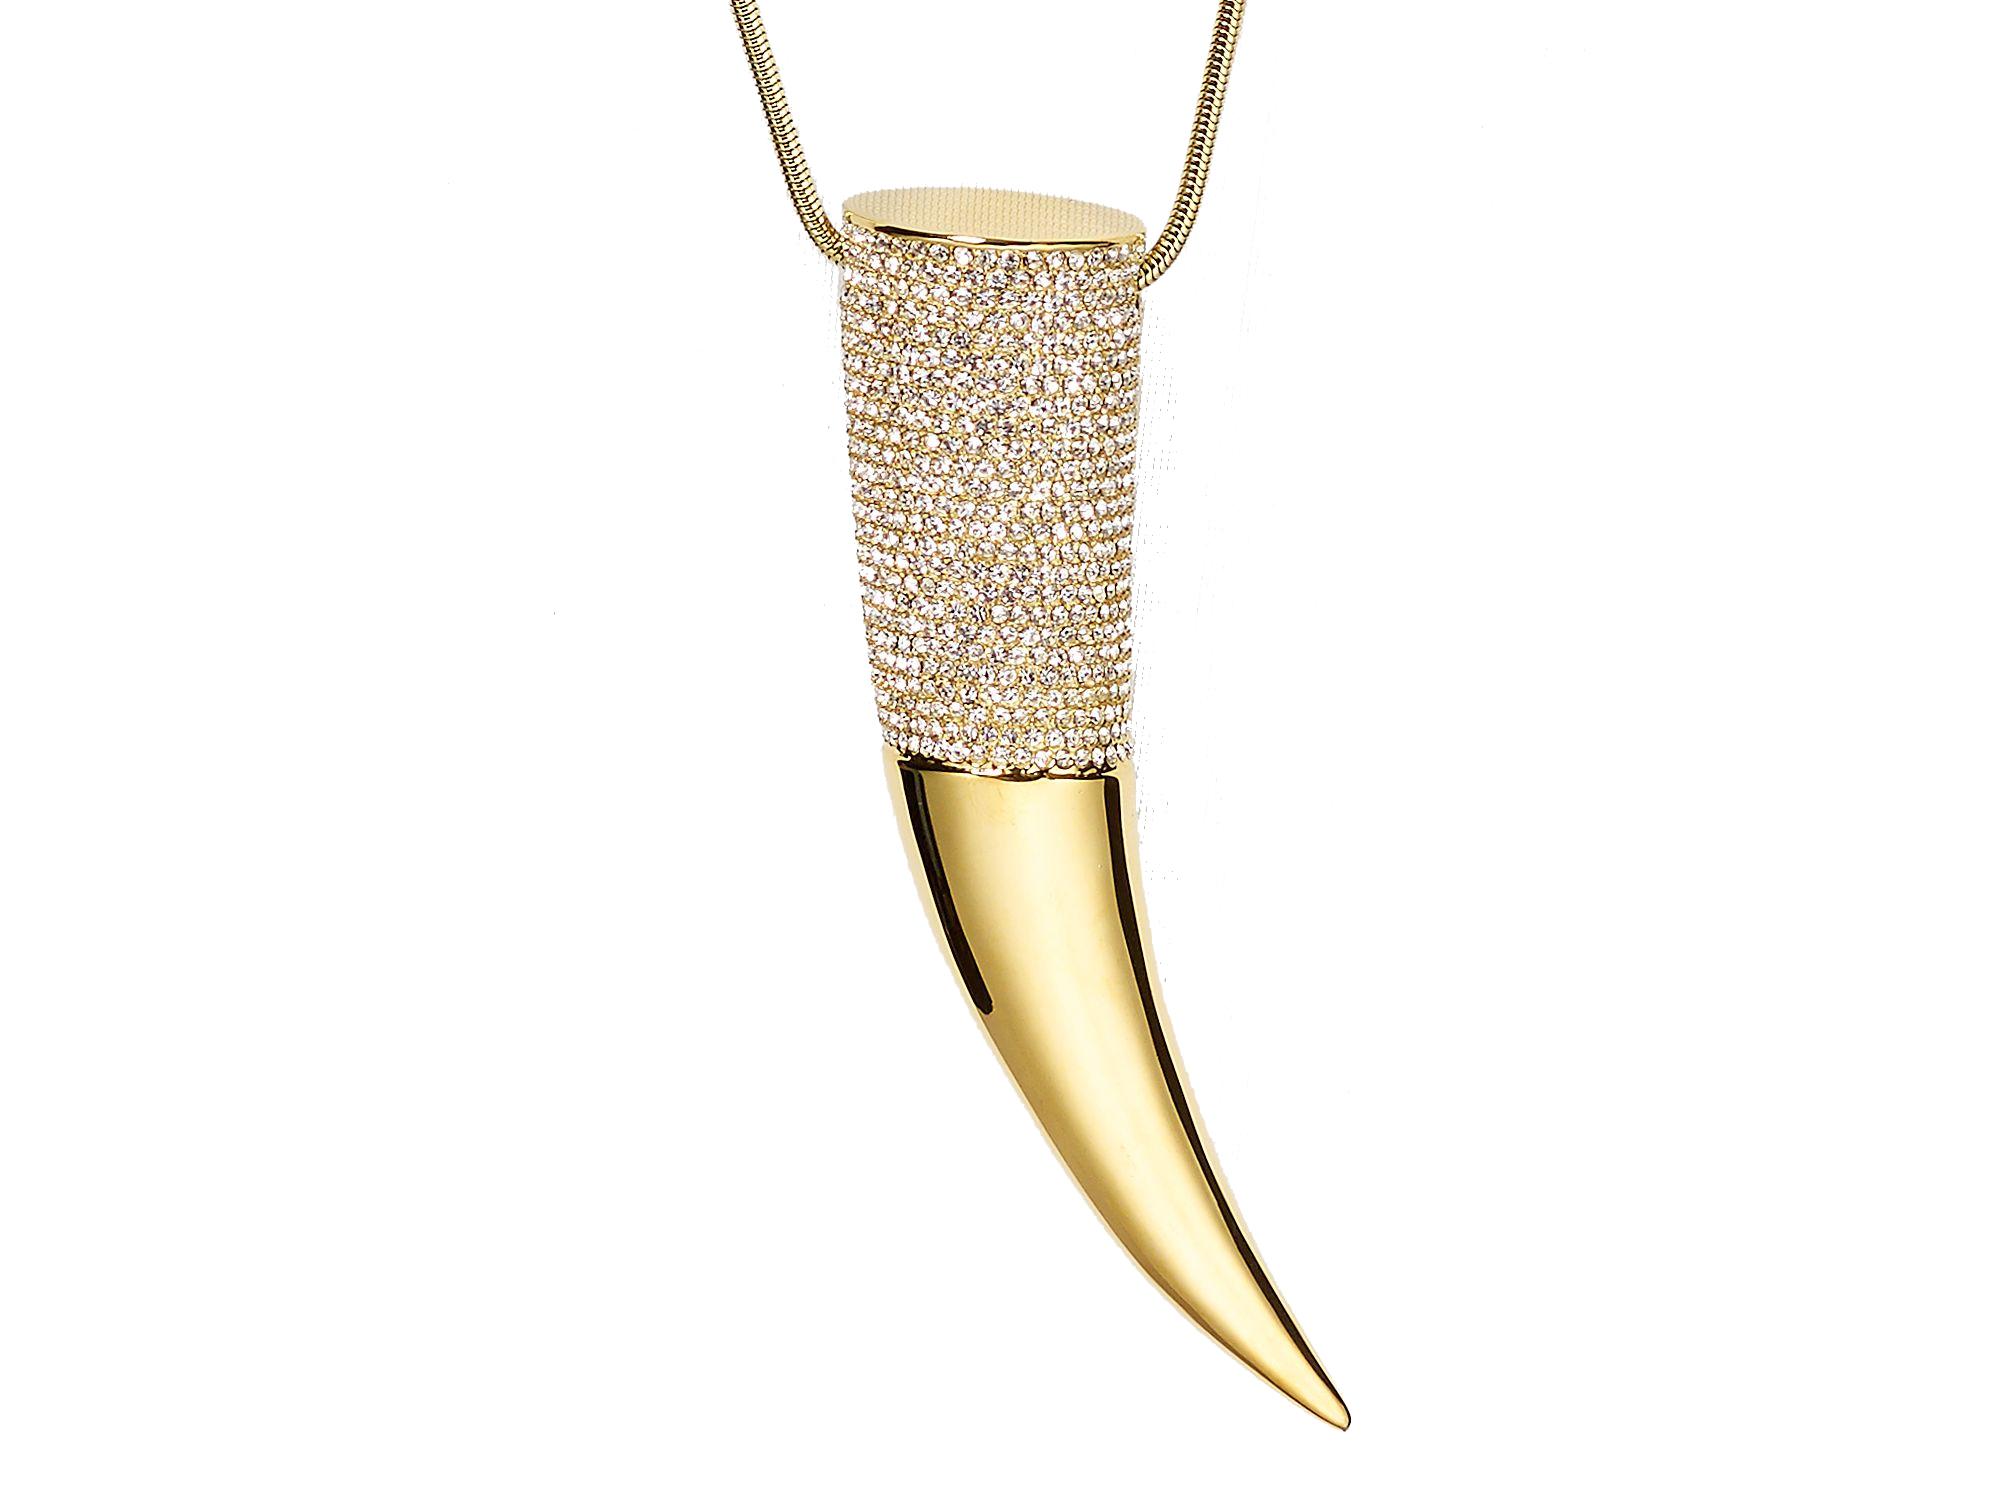 Michael Kors horn pendant necklace